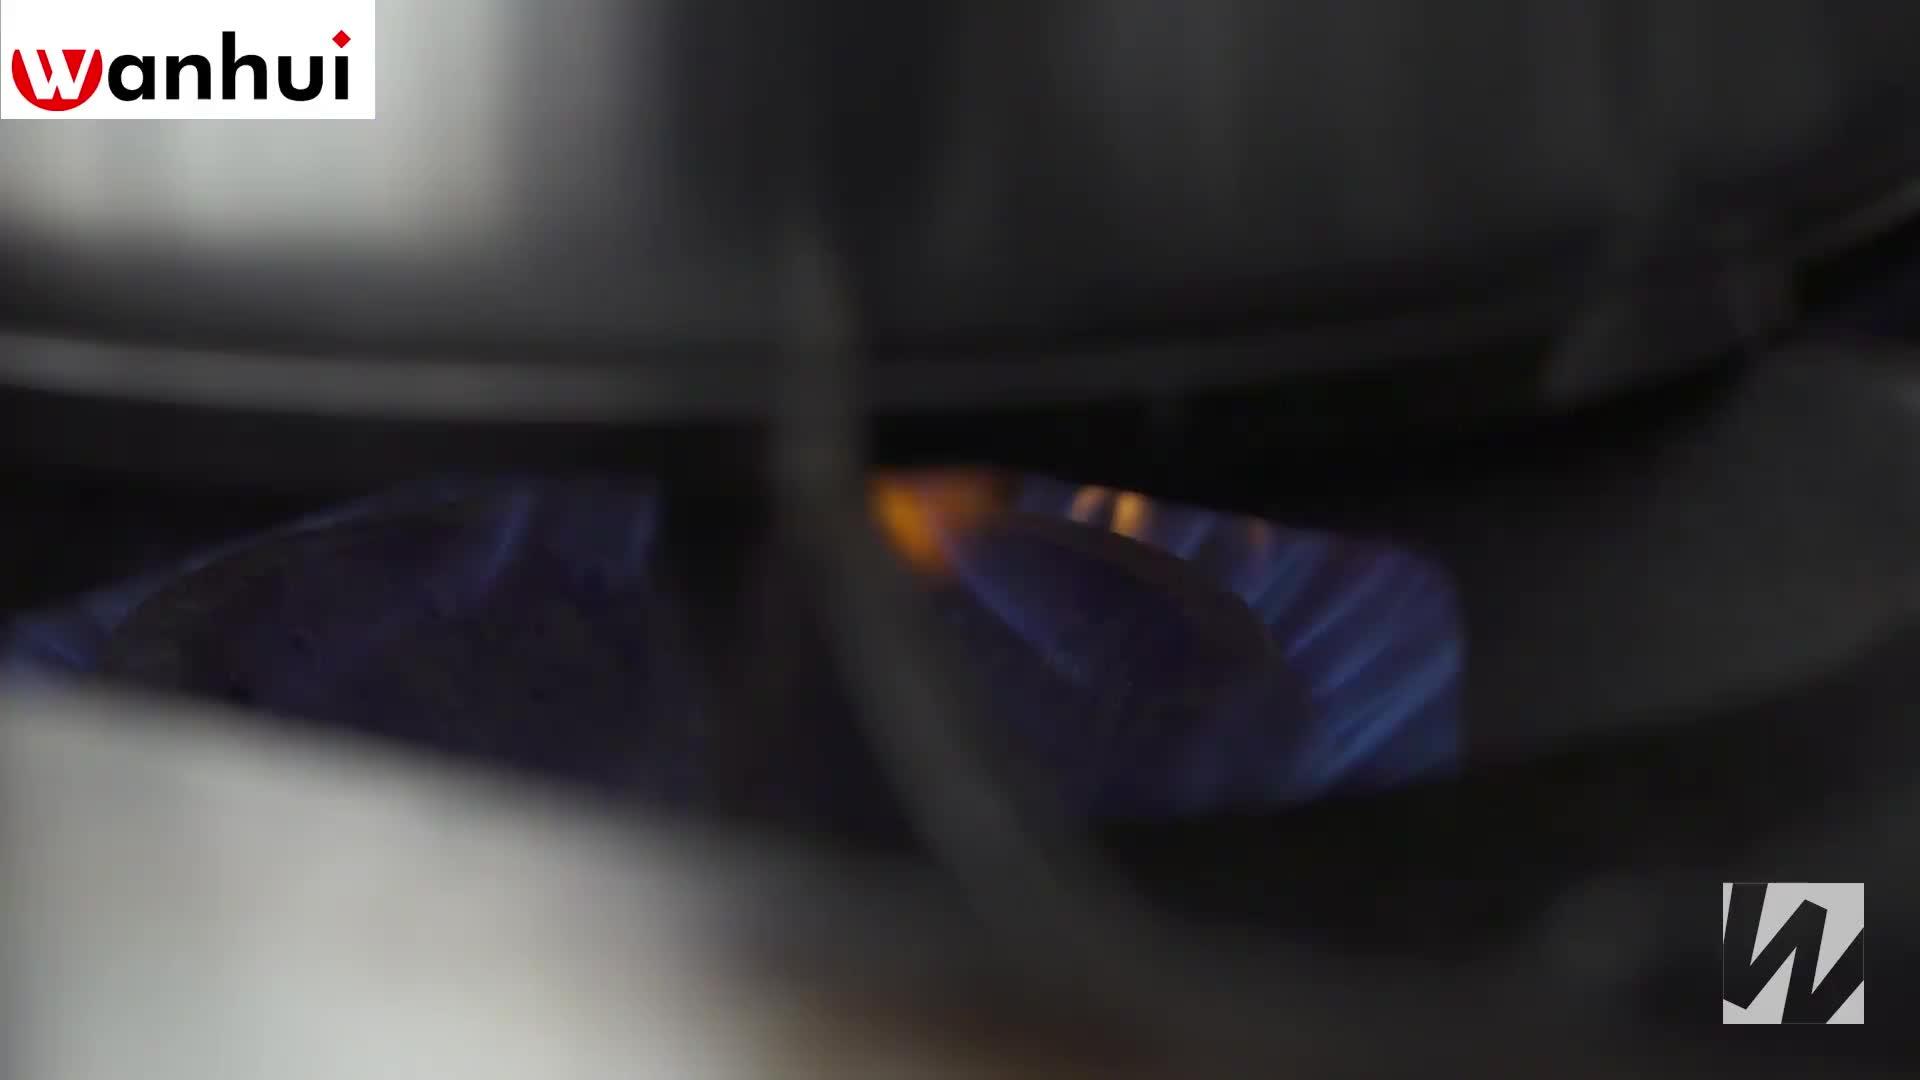 NSF liste büyük kapasiteli ağır hizmet paslanmaz çelik 100 litre pişirme tencere için restoran